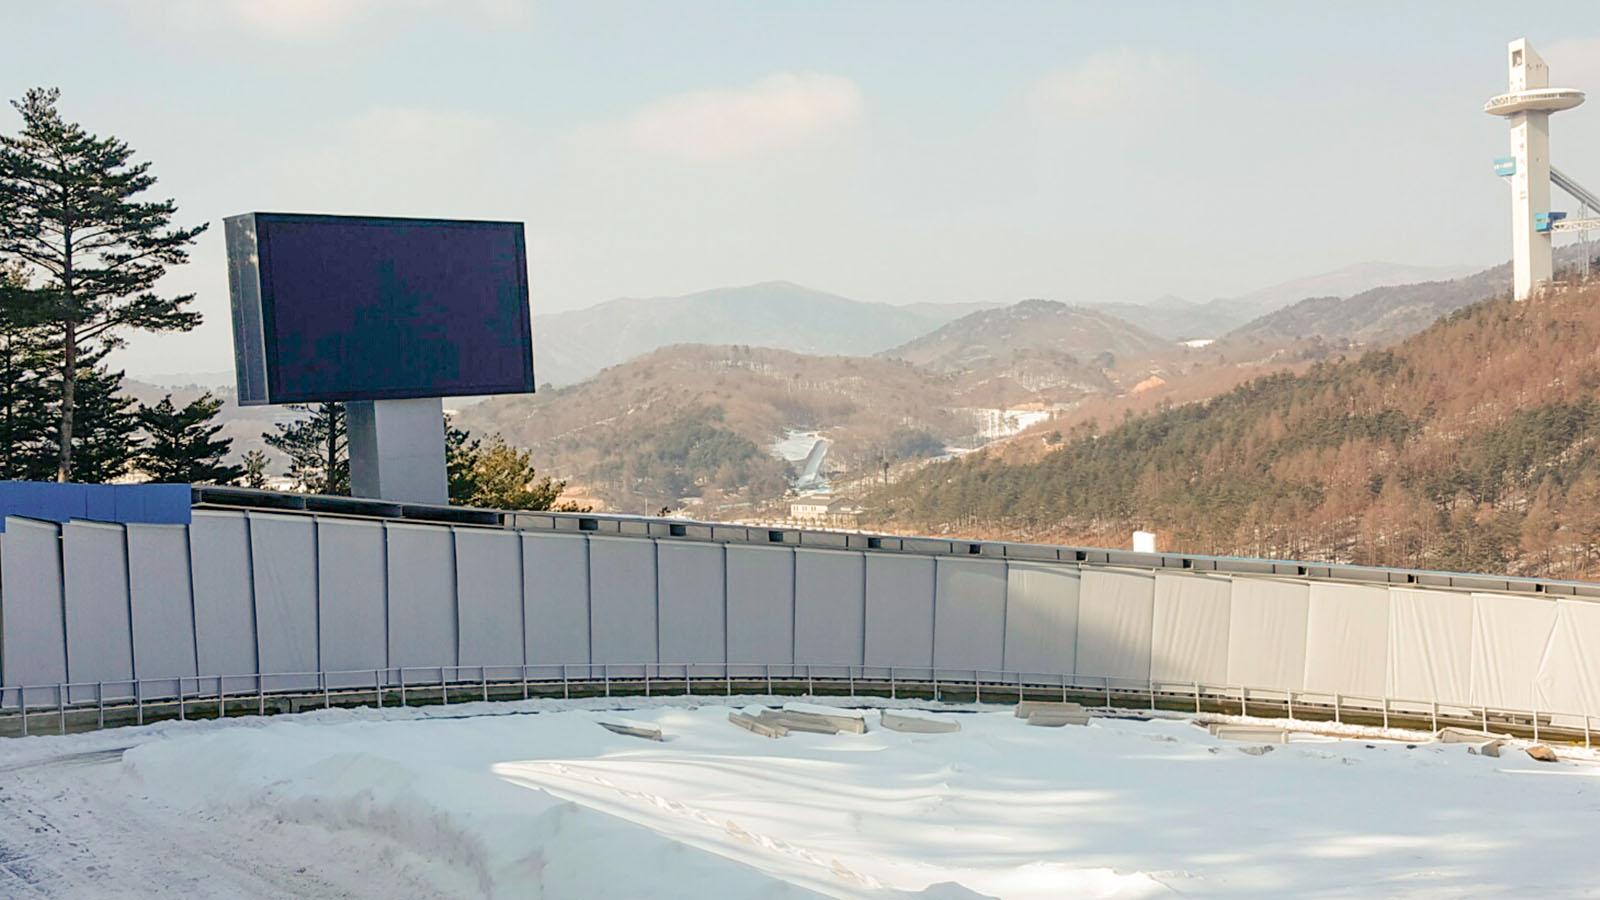 Vsita esterna delle protezioni solari sulla pista da Bob e skeleton Pyeonchang Corea